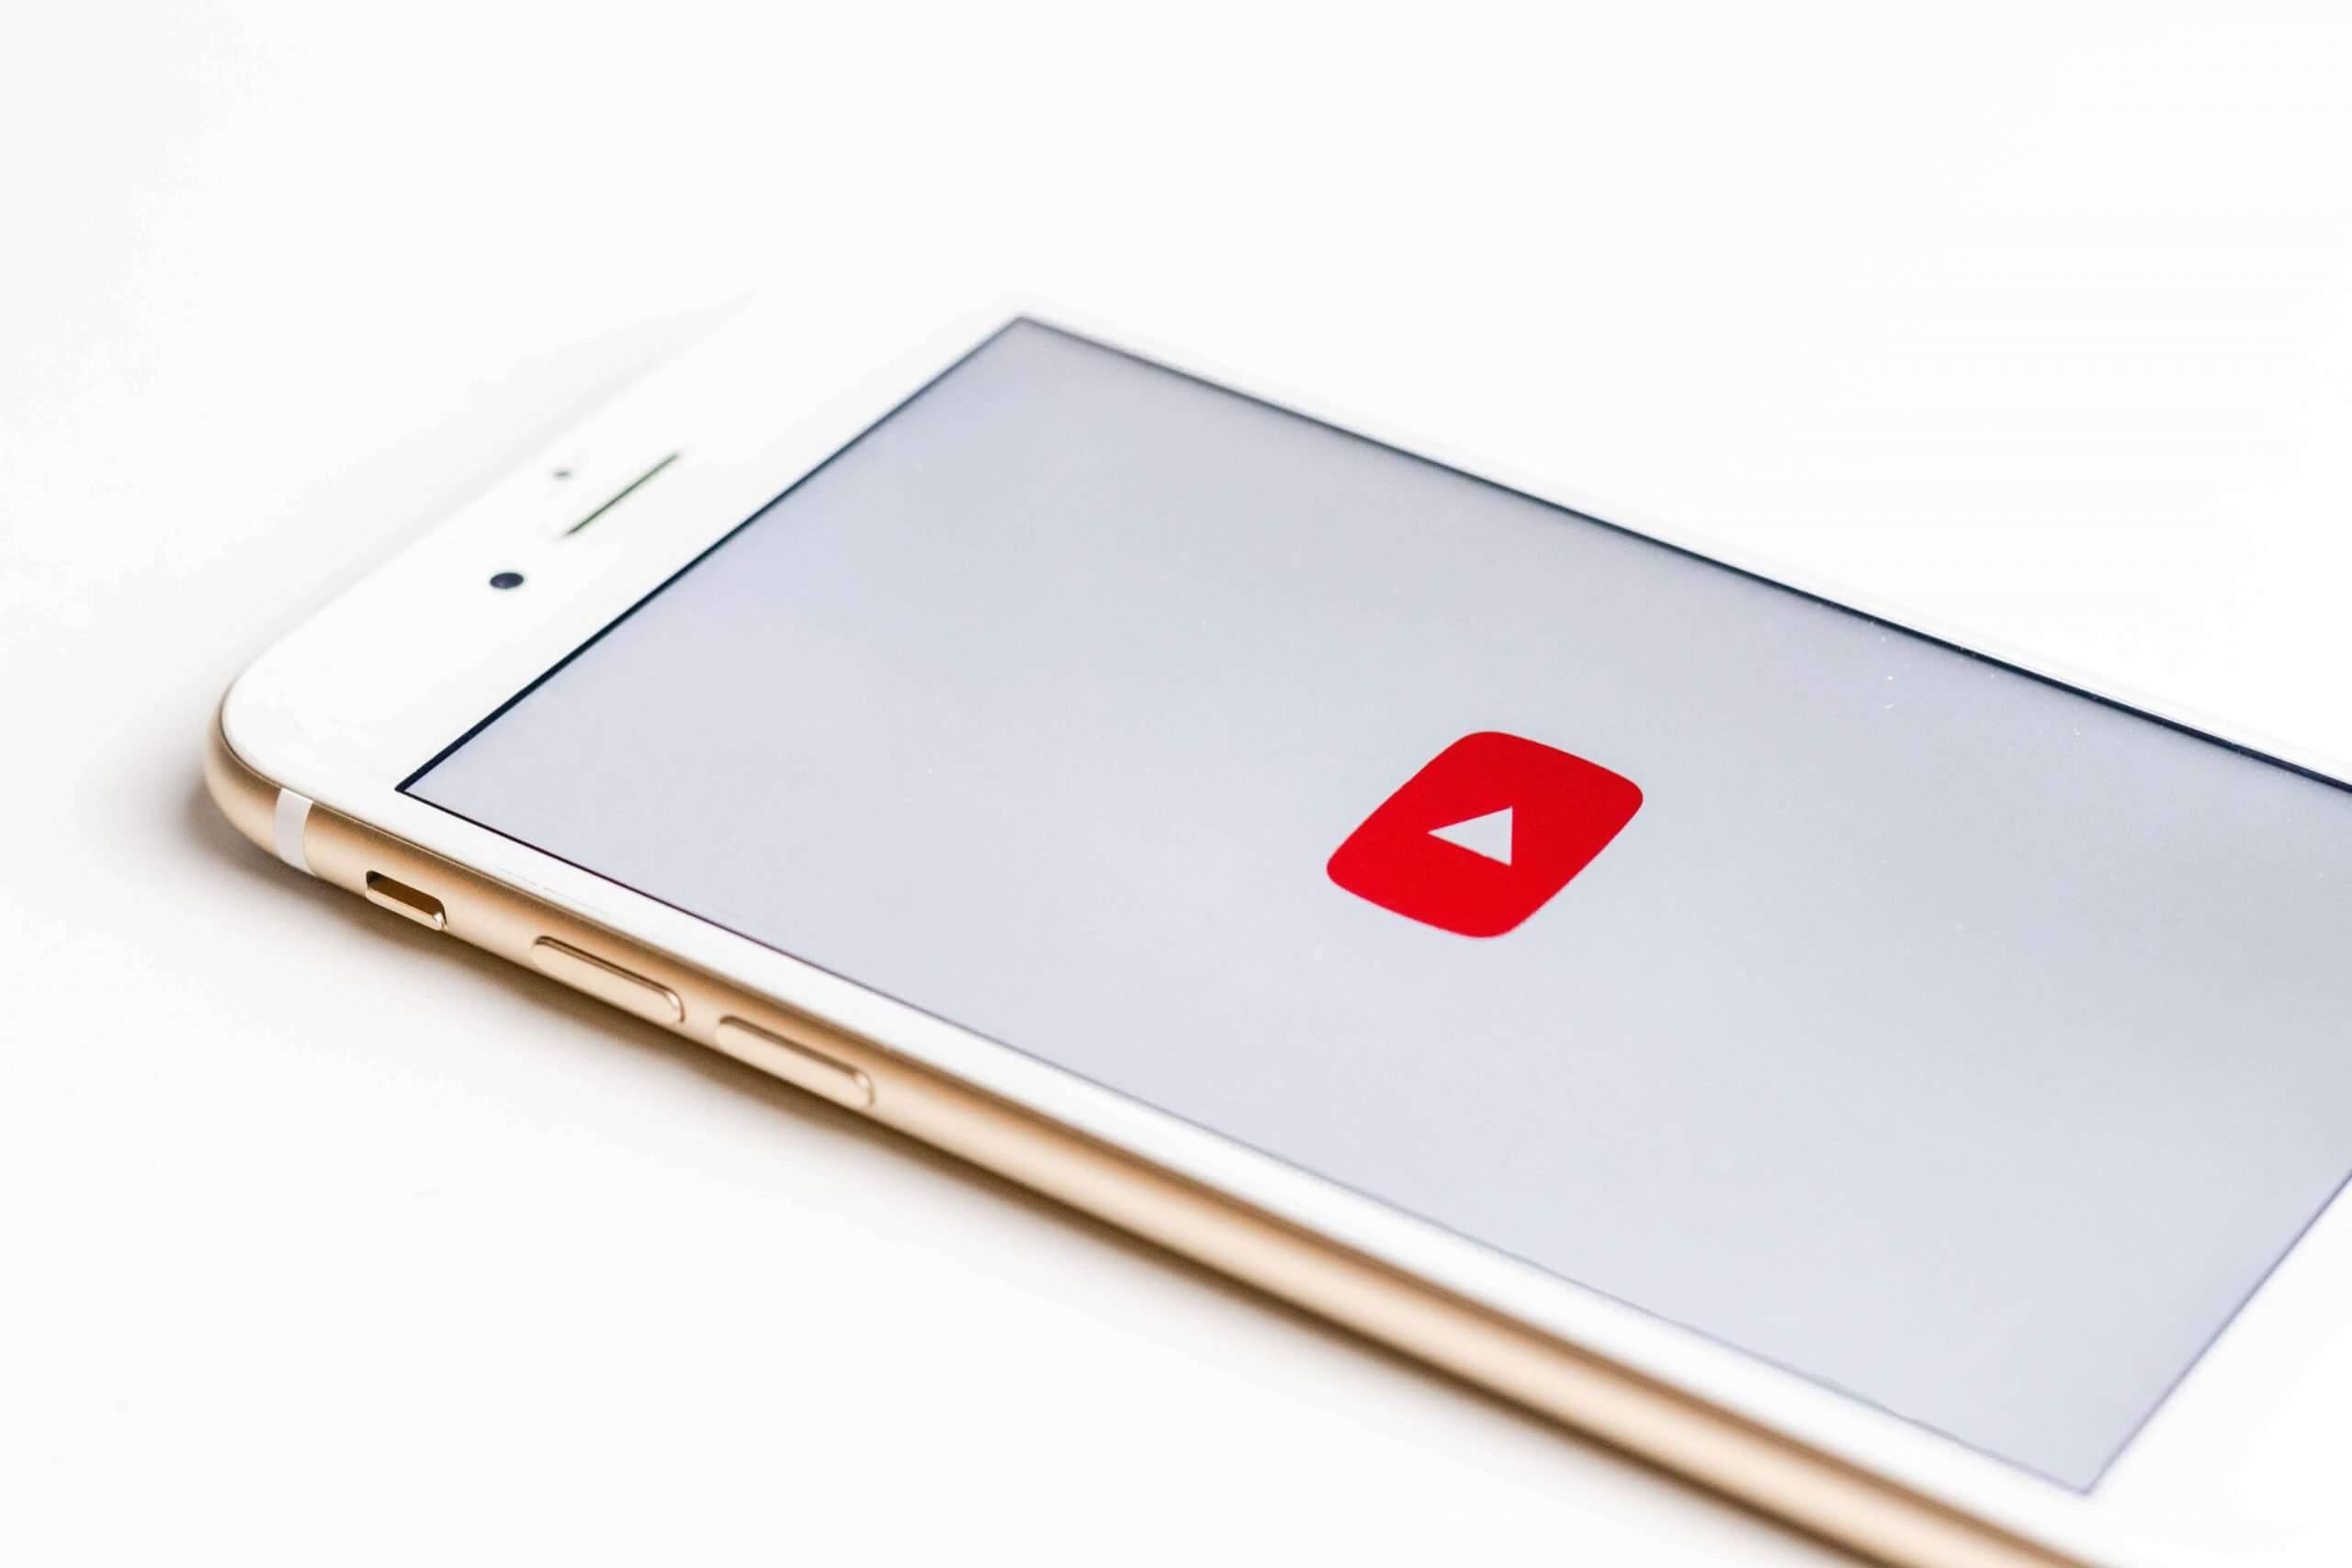 hoc-tieng-duc-qua-youtube